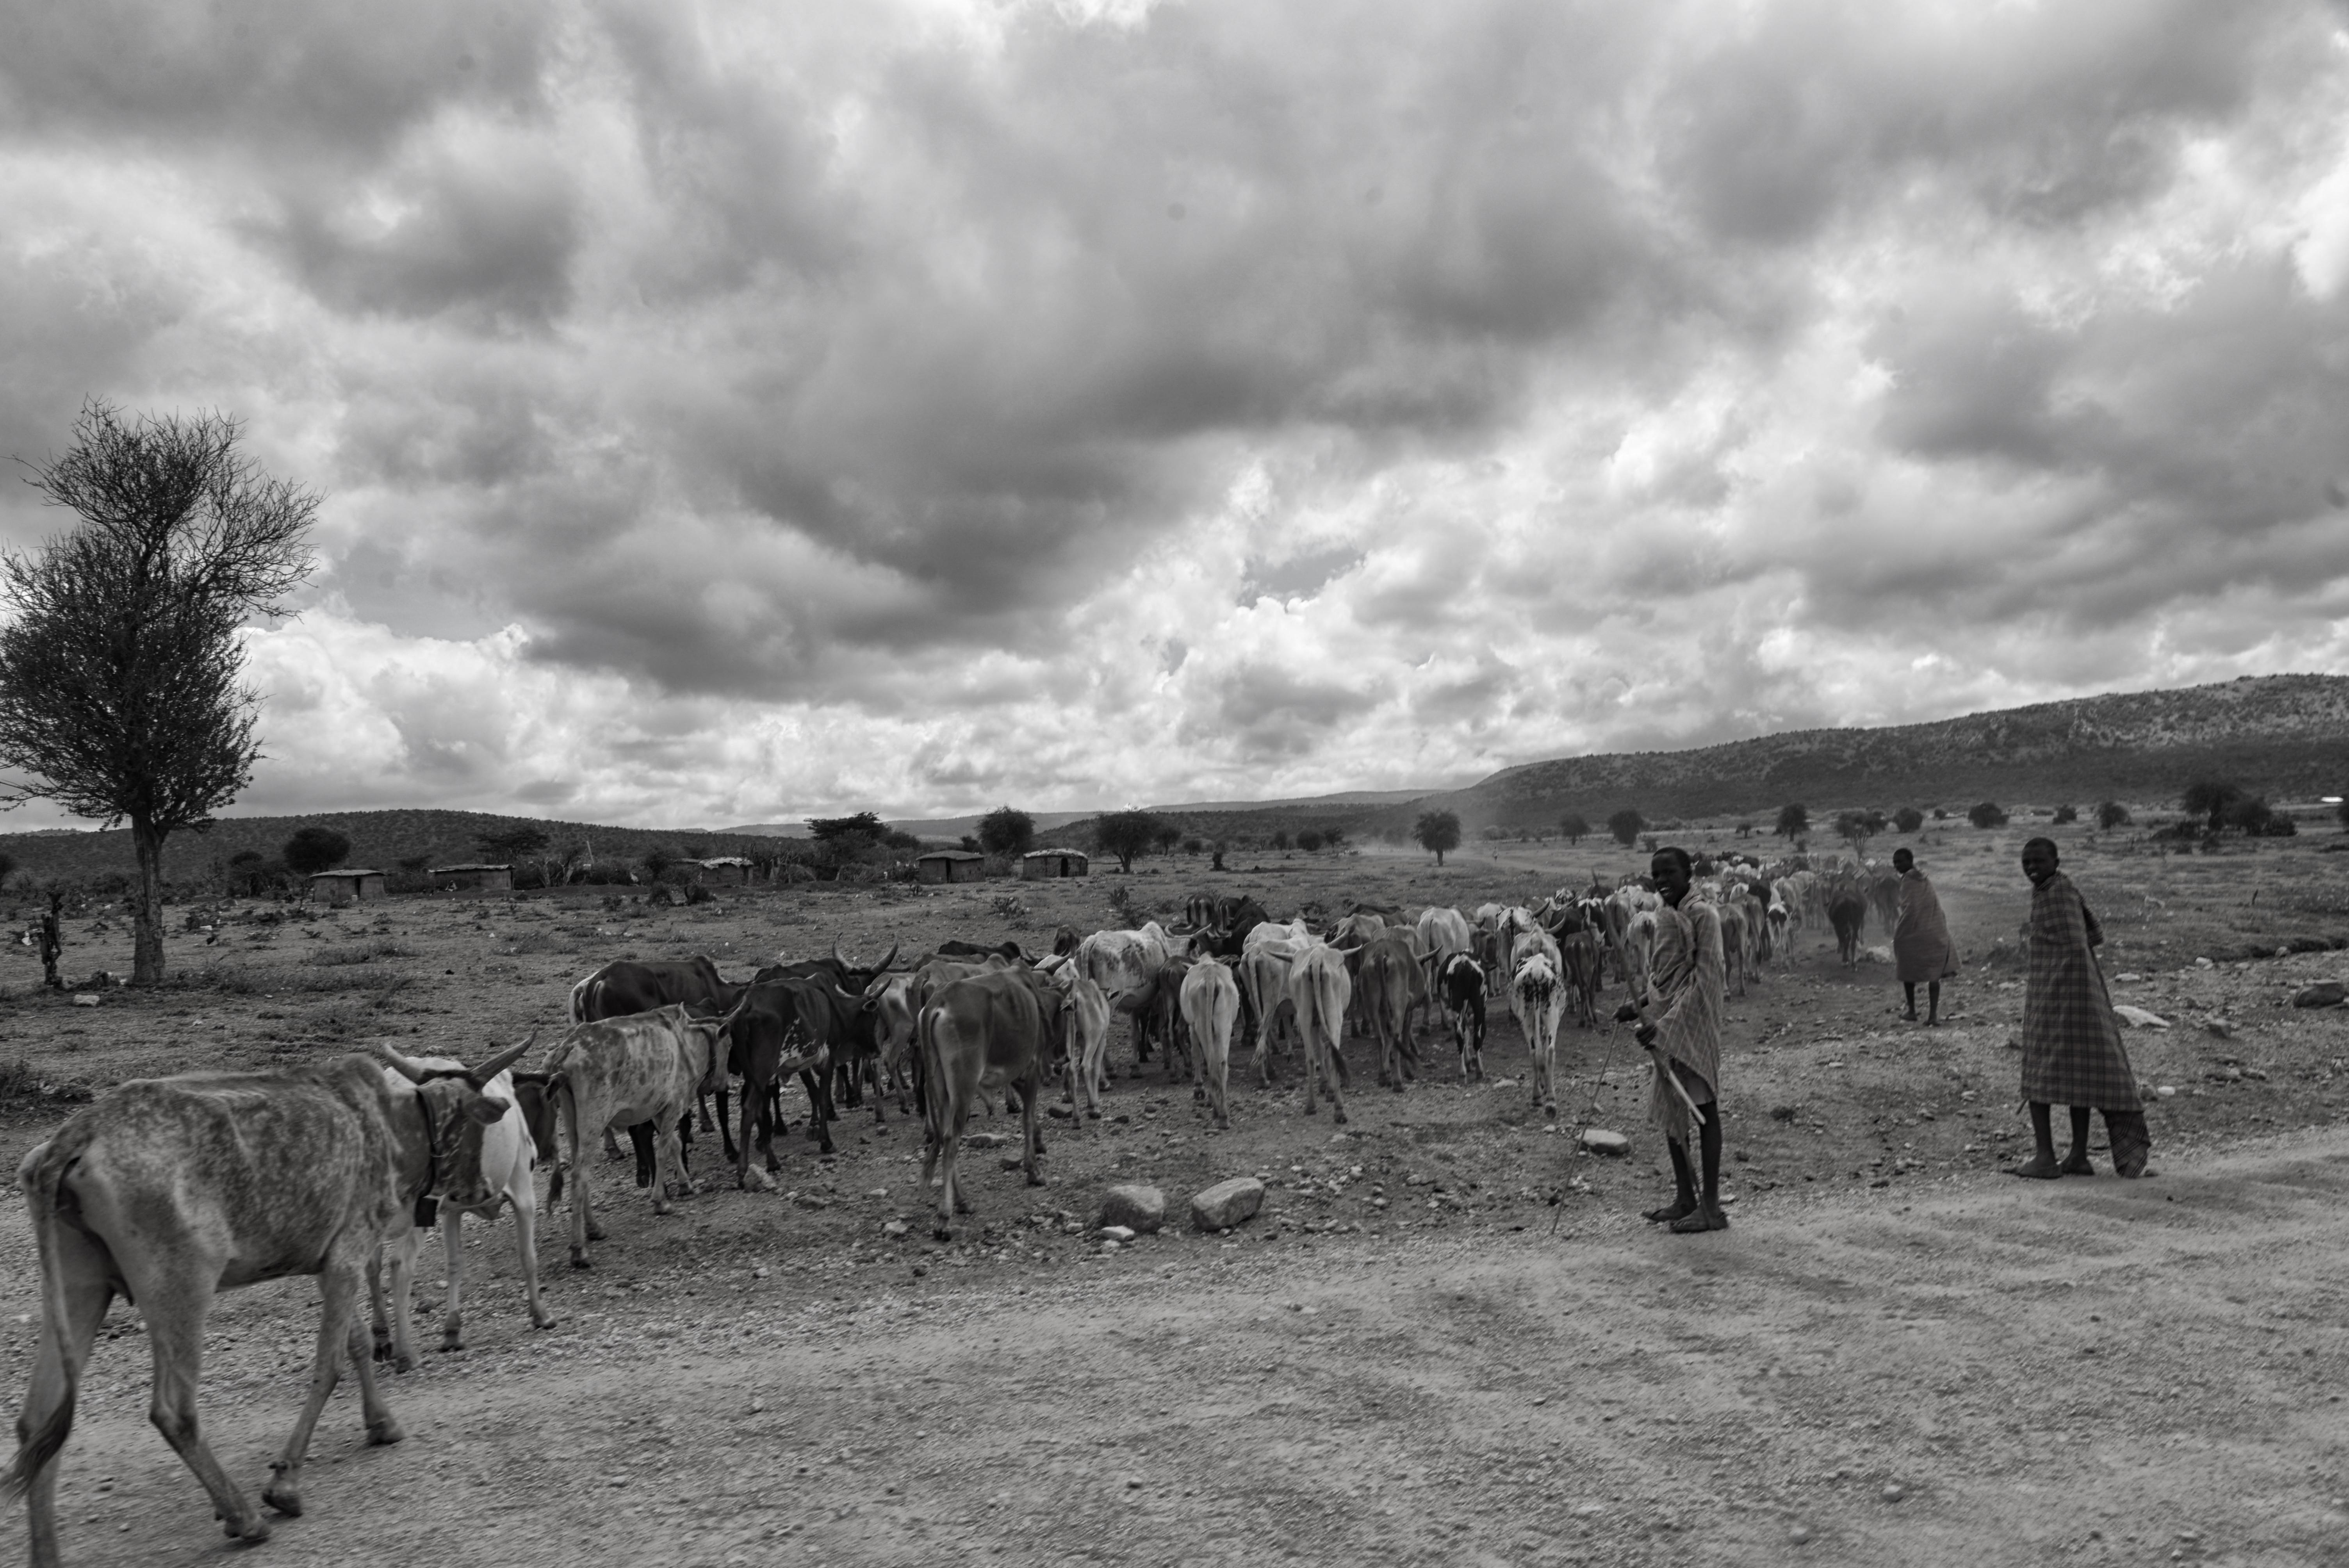 Масай Мара - Кения - ноябрь 2013